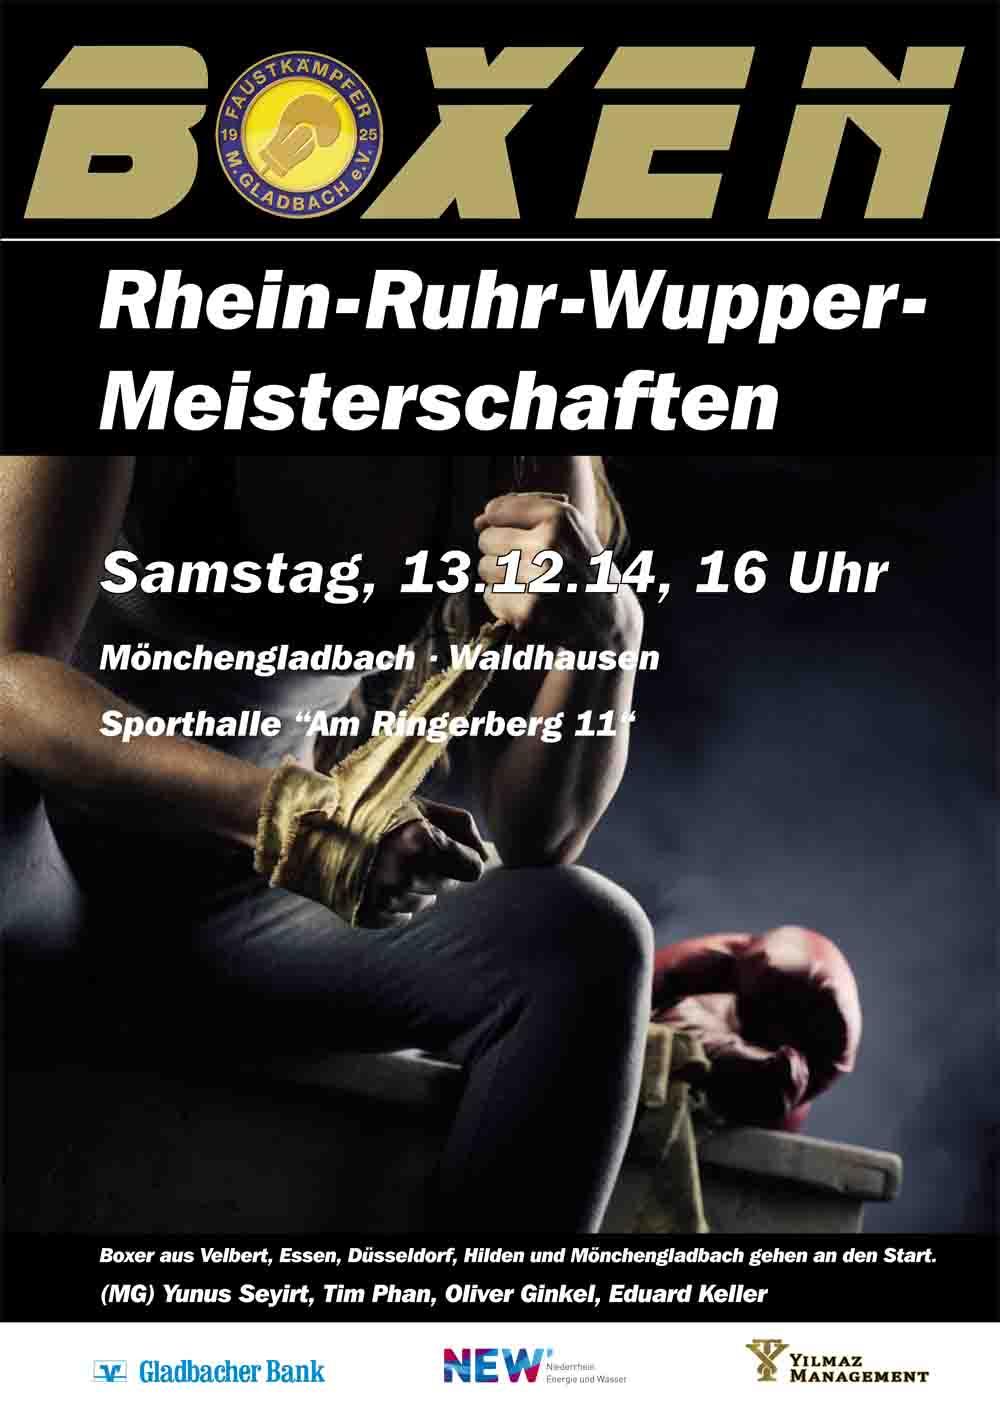 RHEIN-RUHR-WUPPER MEISTERSCHAFTEN